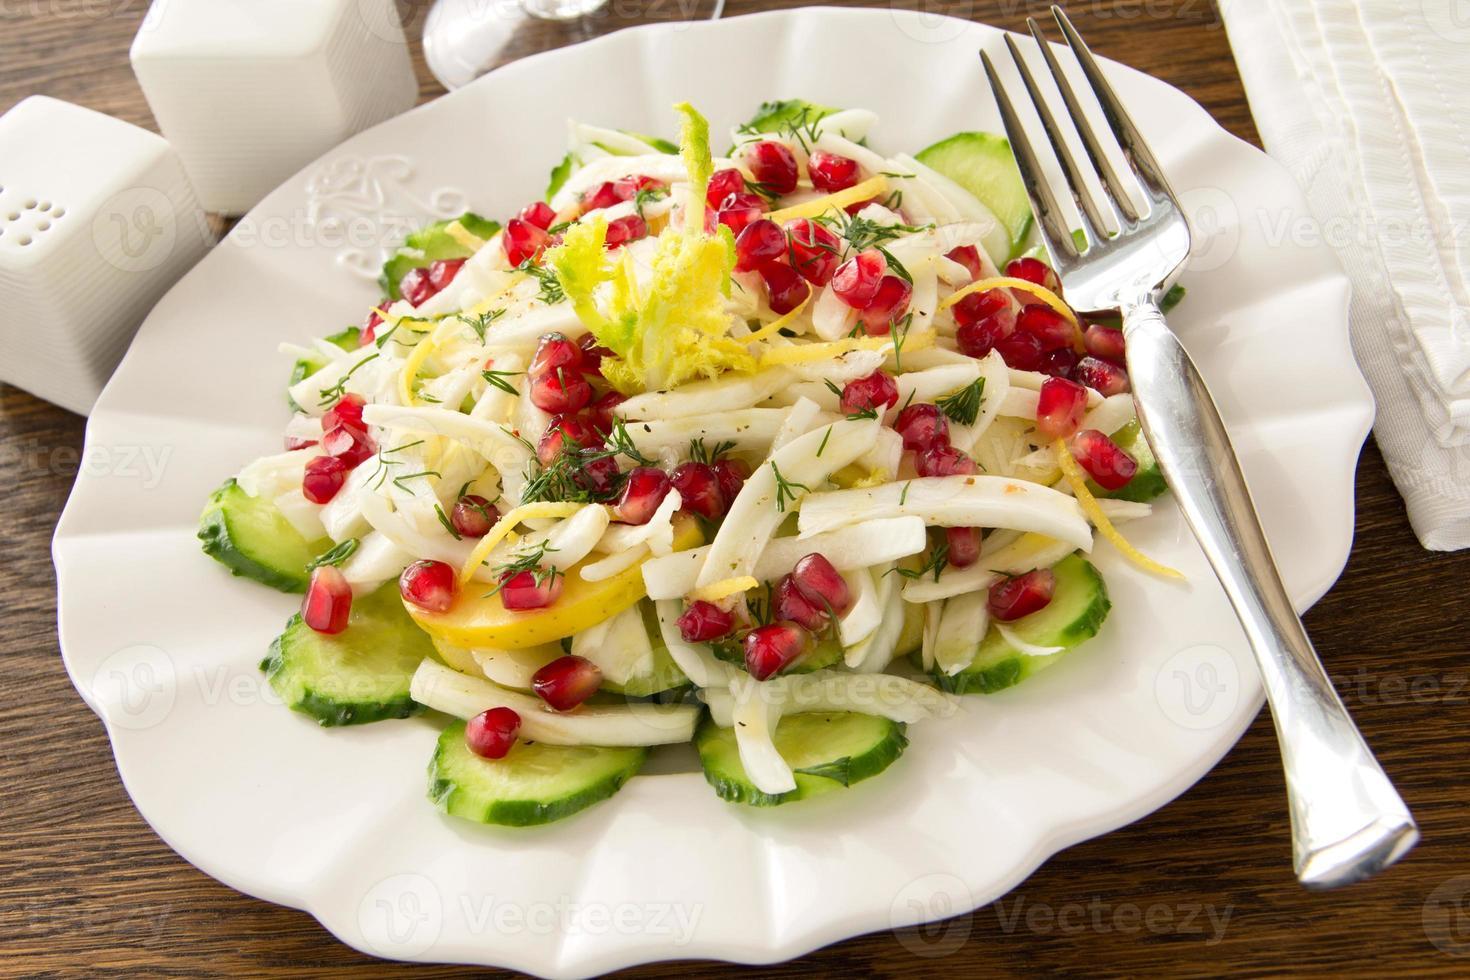 salade de fenouil aux concombres, pommes et grenade. photo